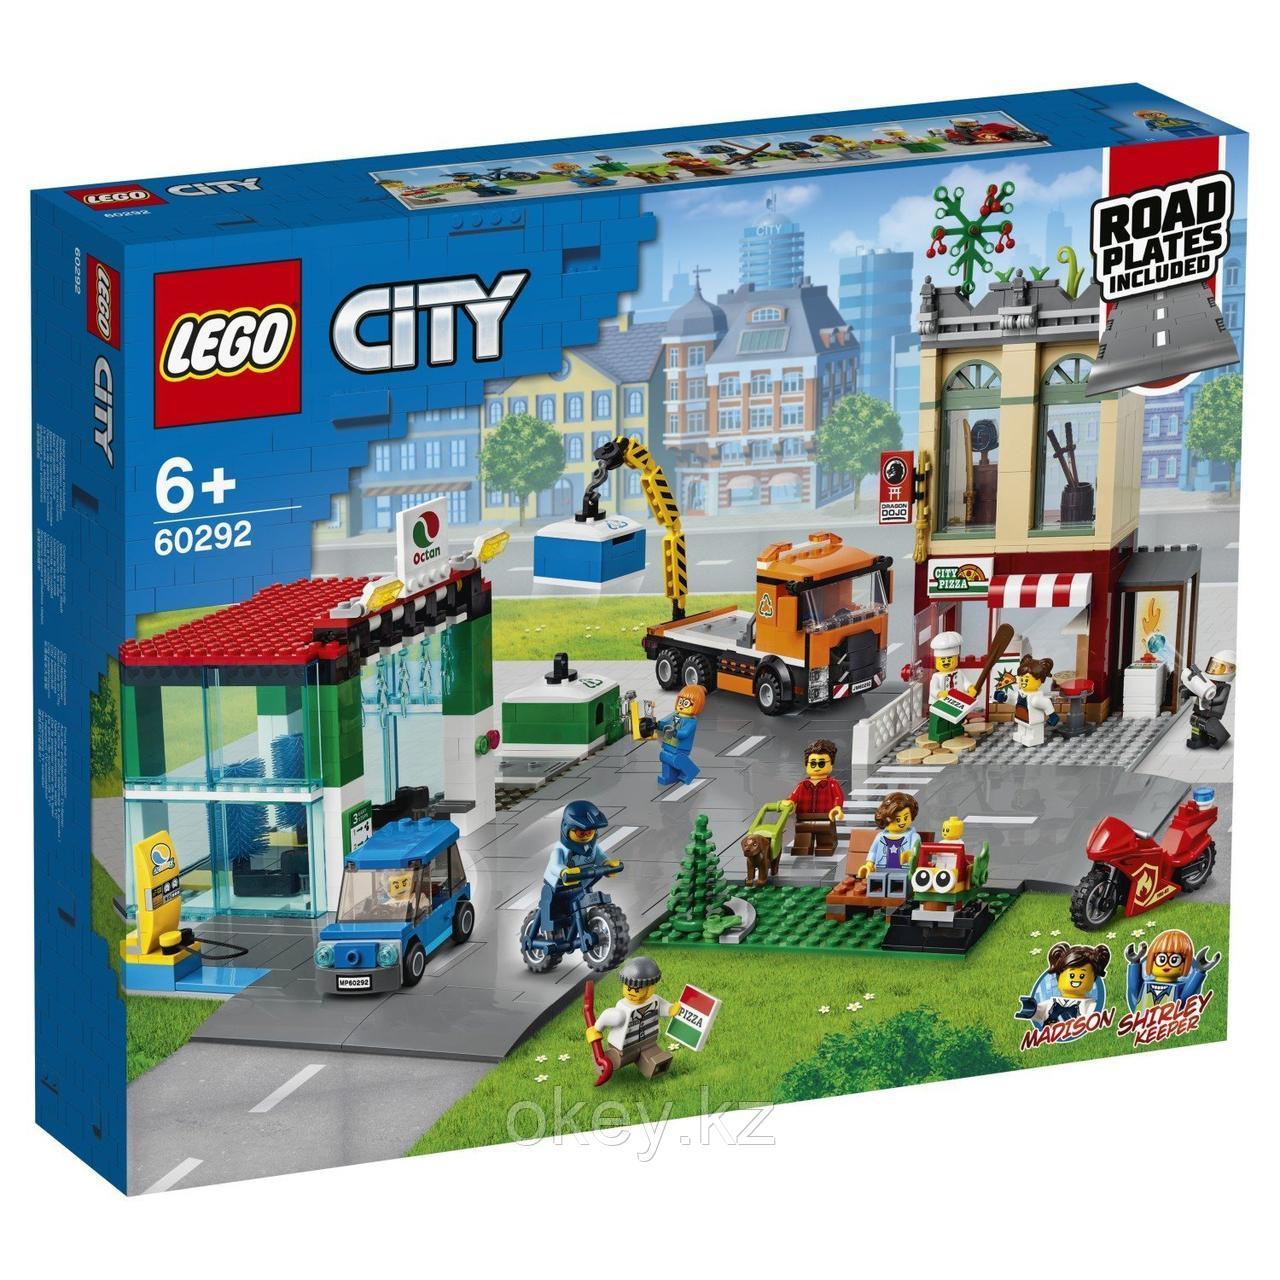 LEGO City: Центр города 60292